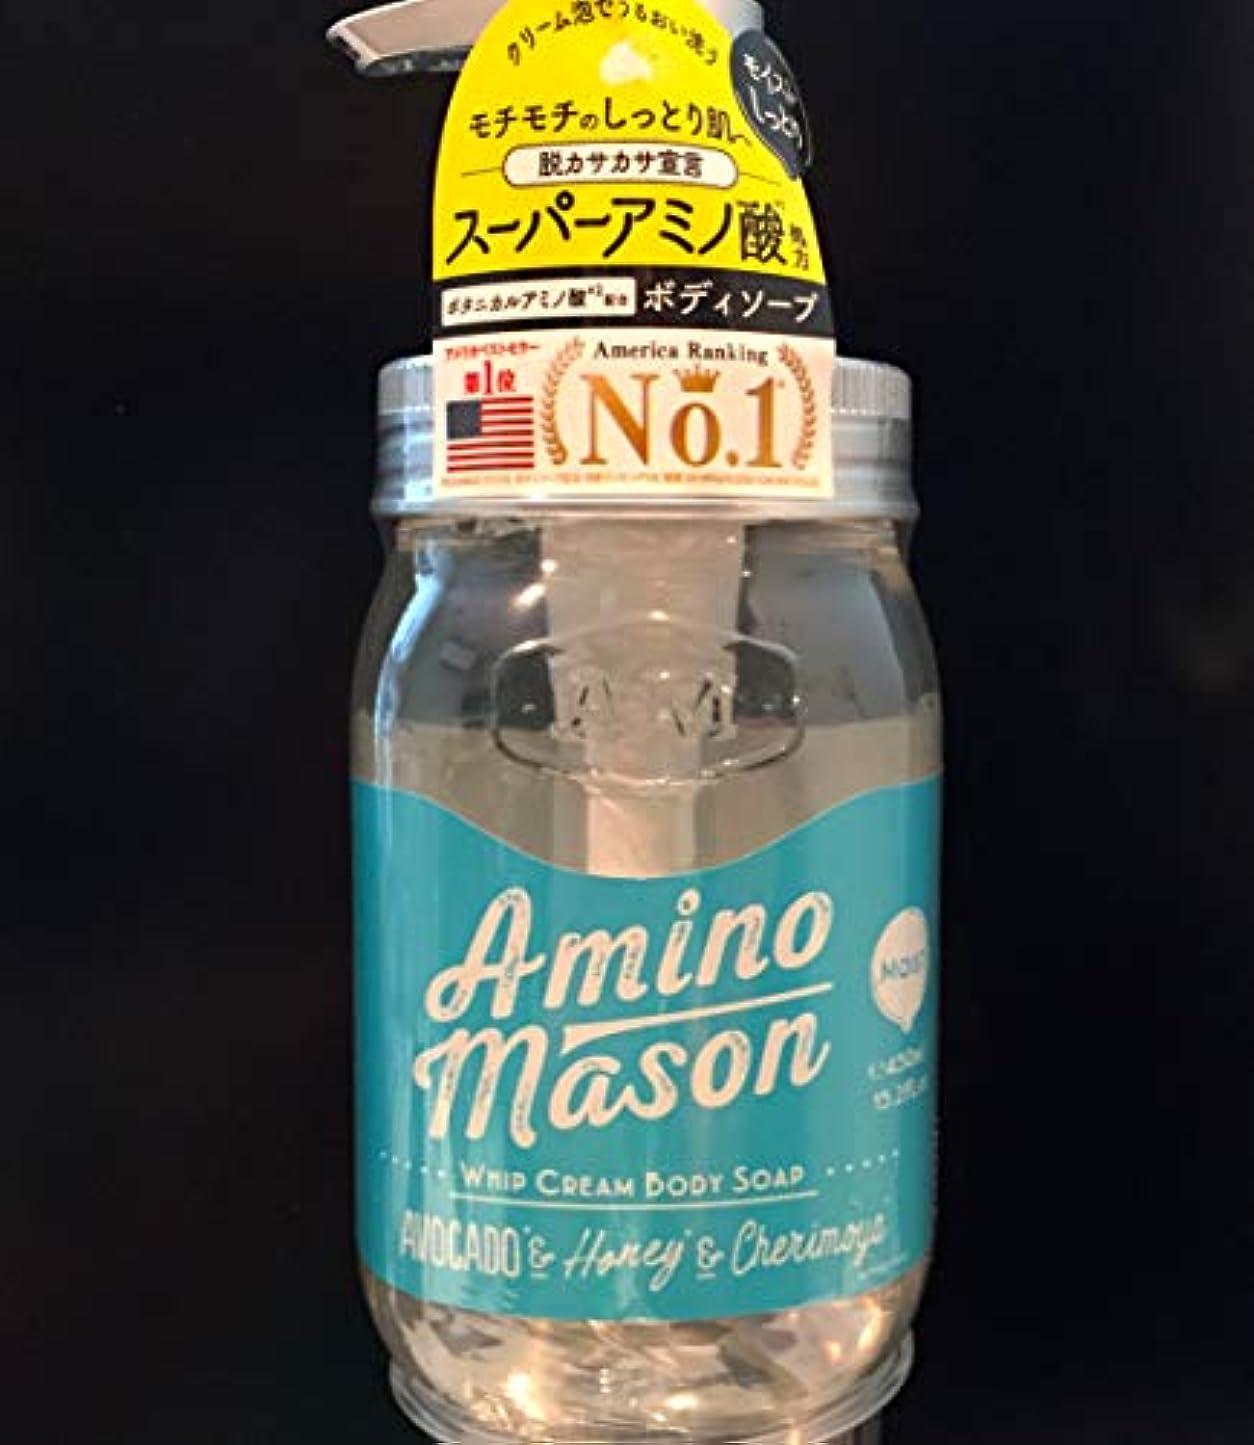 忠実に名誉いとこアミノメイソン ホイップクリーム ボディソープ モイスト(クラシックローズブーケの香)